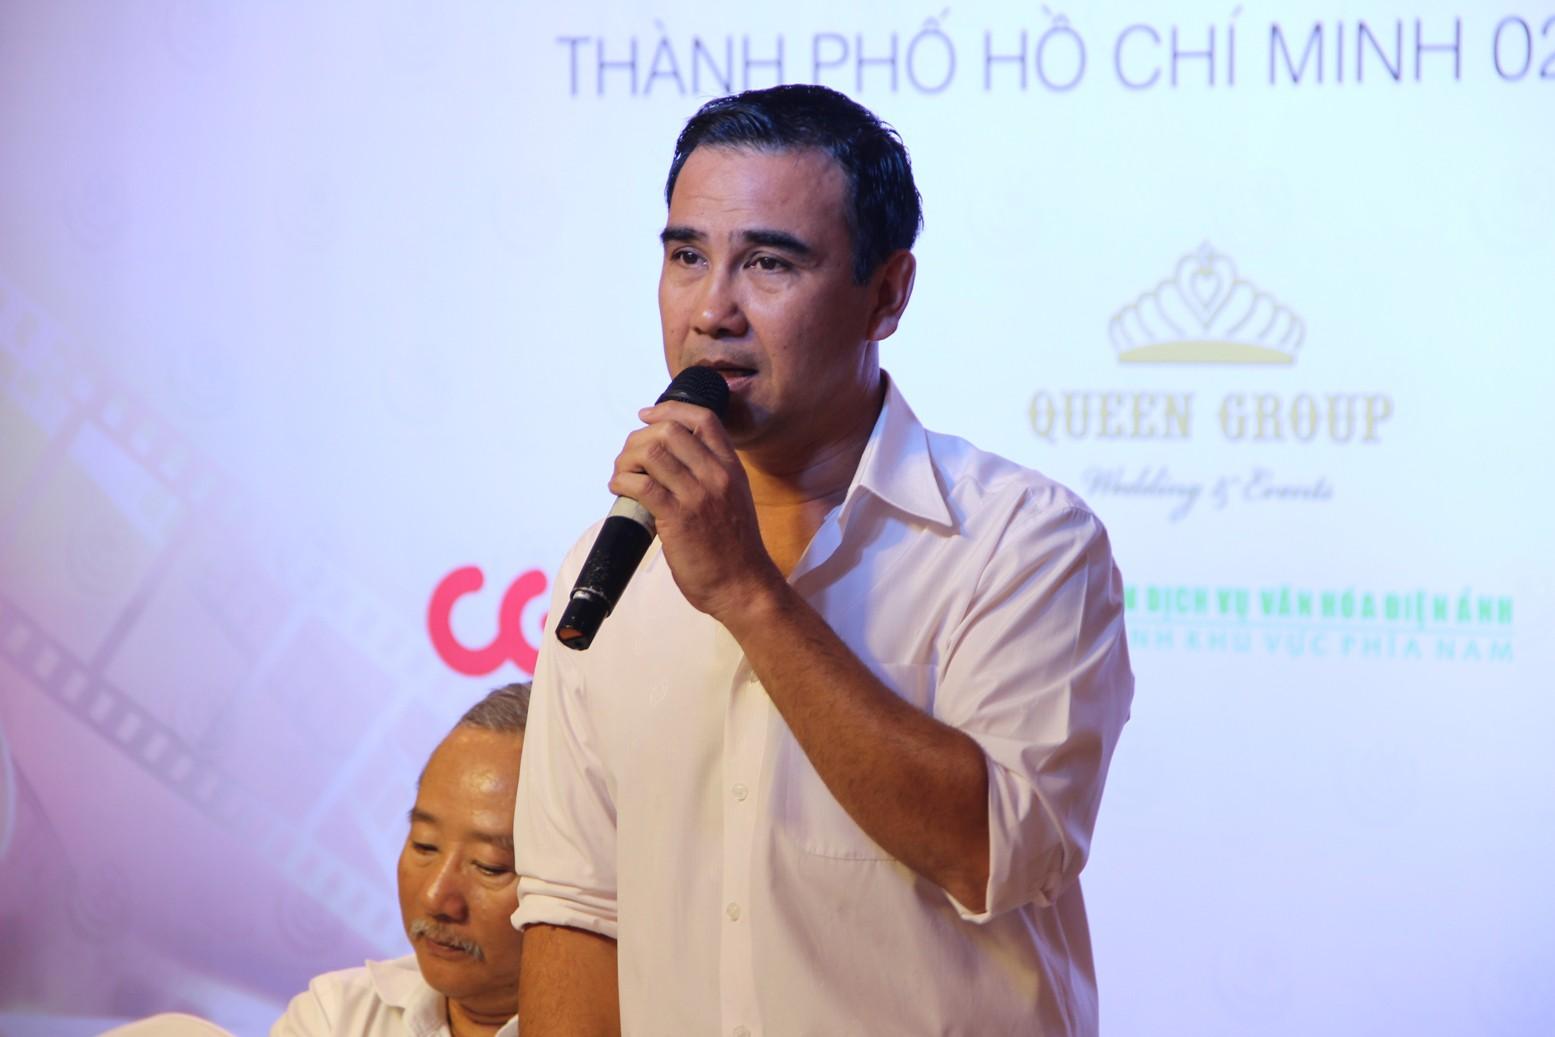 Có khối tài sản không phải dạng vừa nhưng những sao Việt này lại được yêu mến bởi lối sống giản dị-10